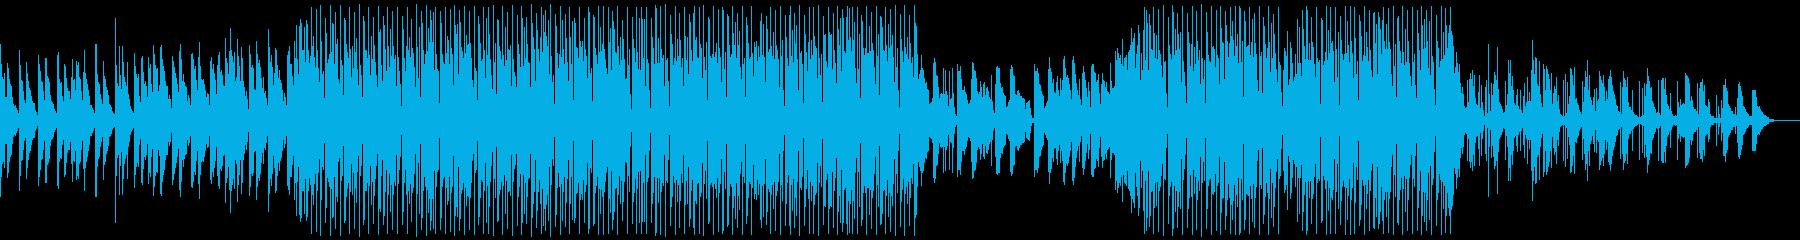 涼しい和風チルアウト系トロピカルハウスの再生済みの波形